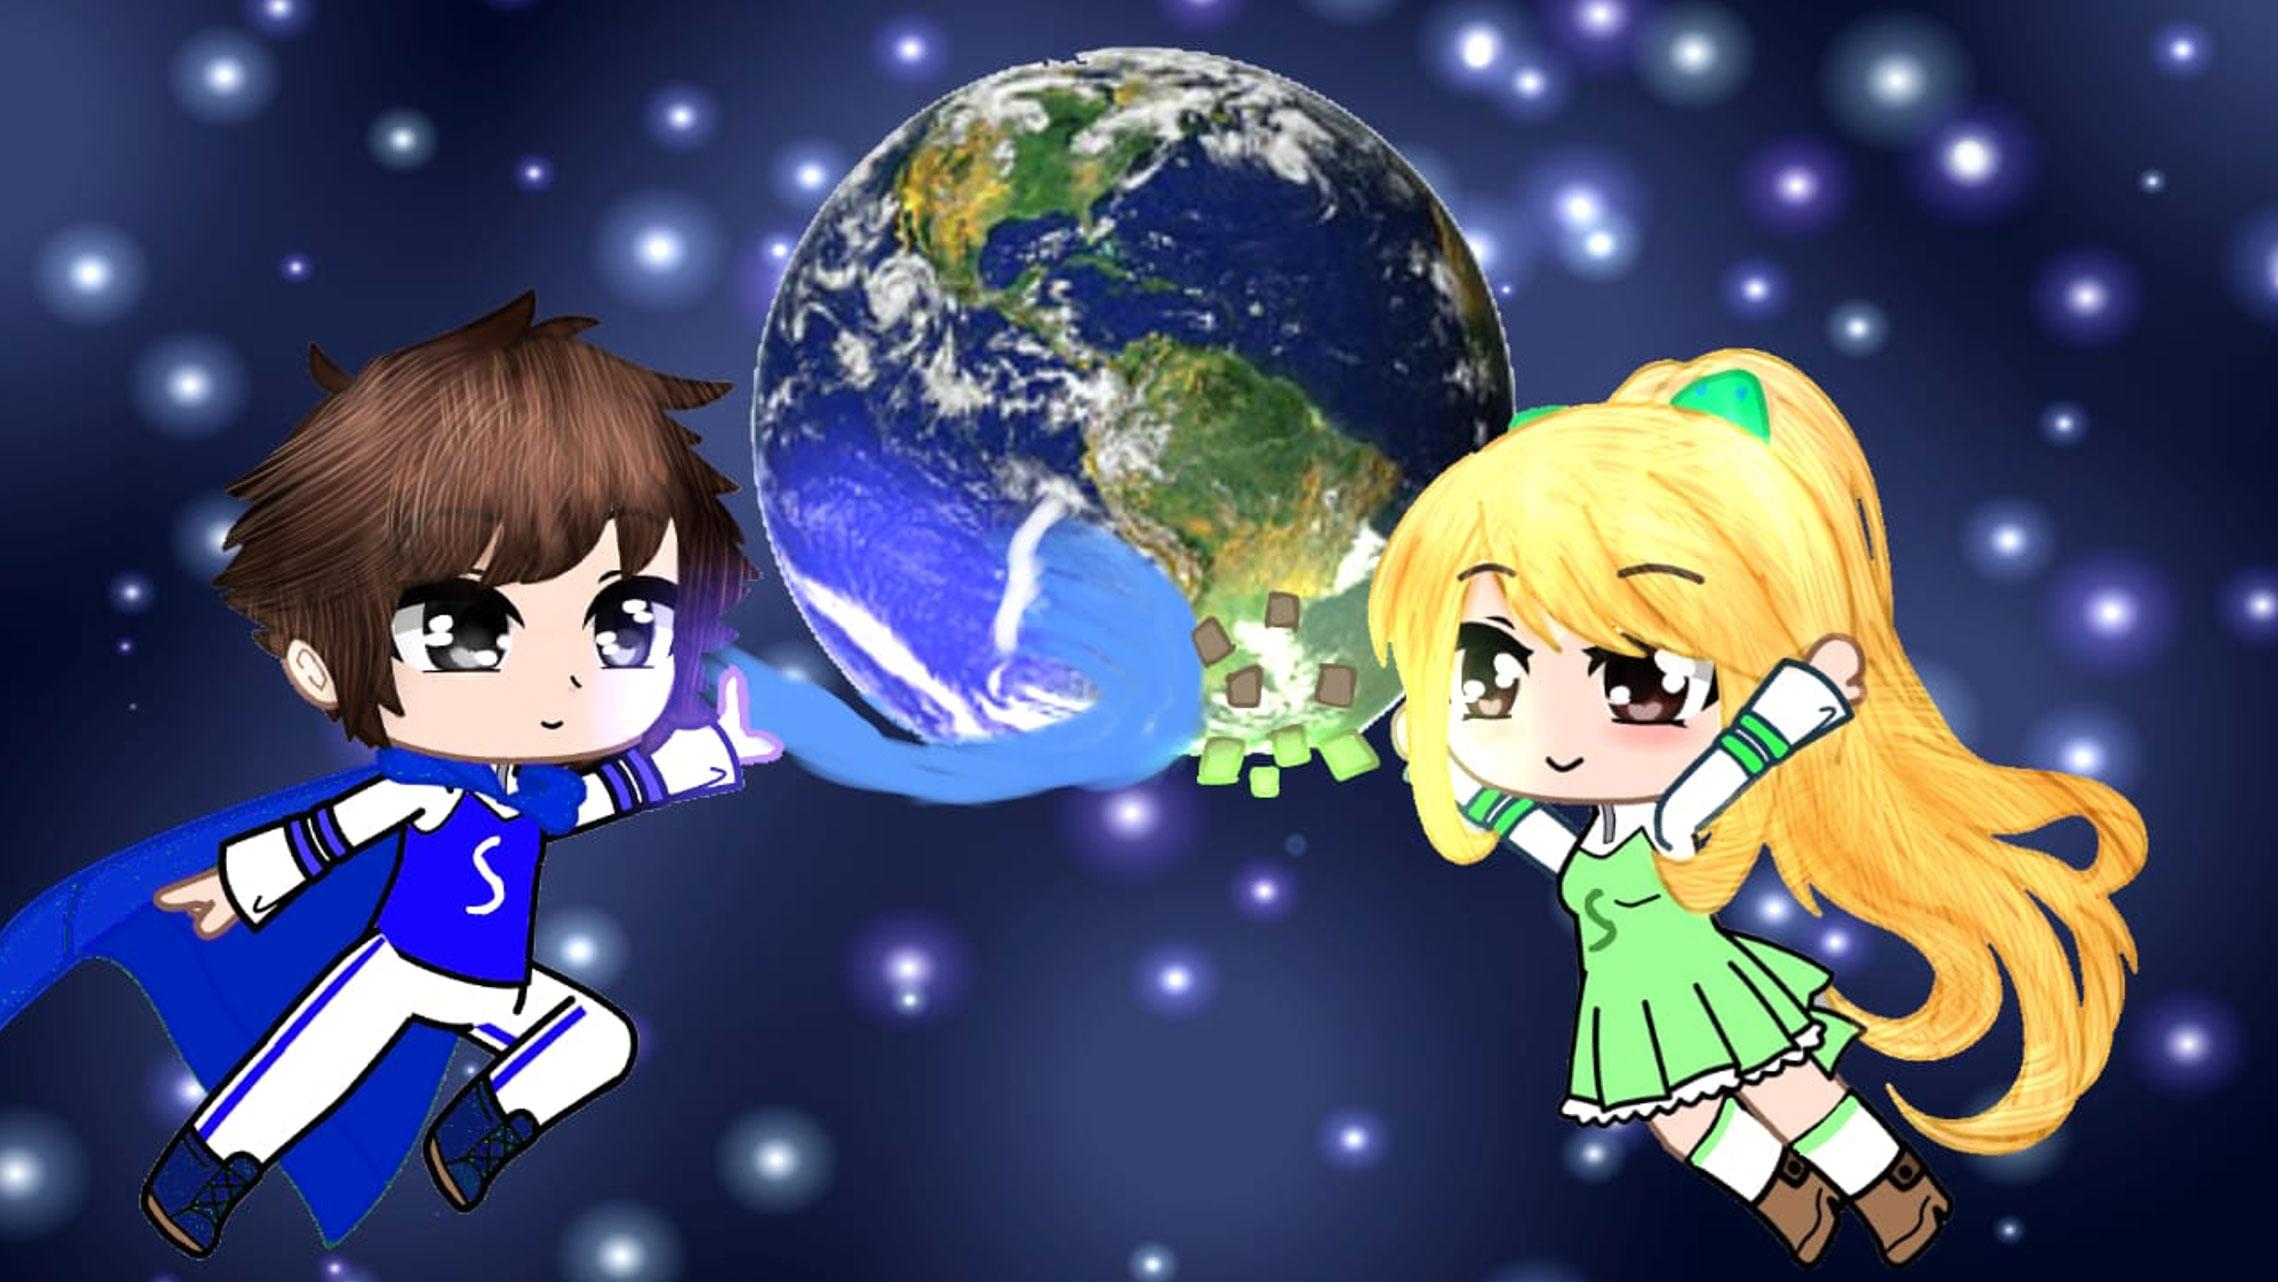 L'immagine mostra Oceano e Flora, i due supereroi della sostenibilità, che sorreggono il Pianeta Terra